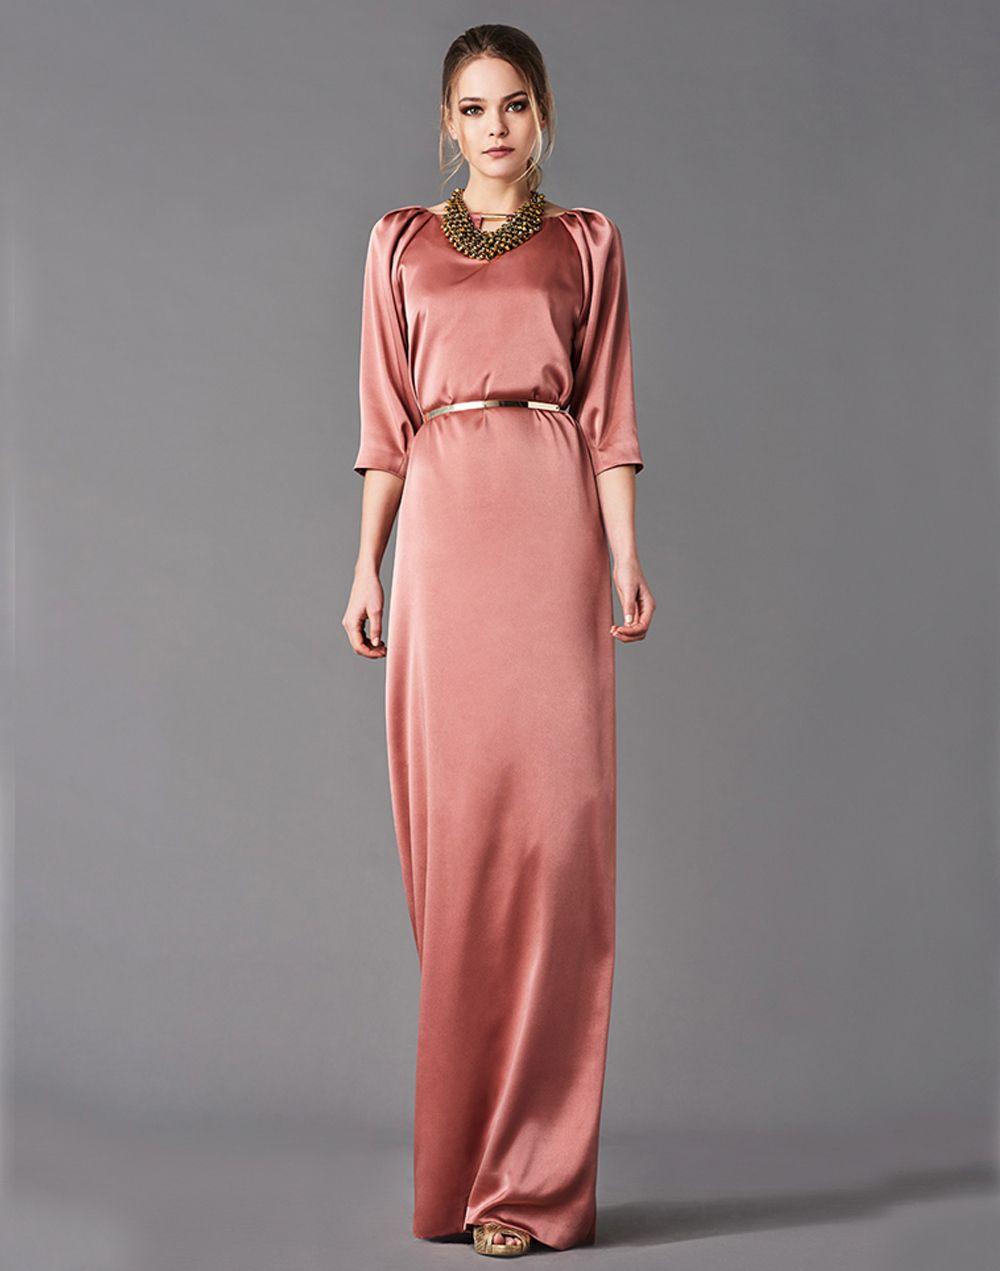 2ff3ed371 Vestido de fiesta largo de raso con manga raglan y corte recto diseñado por  Mira la